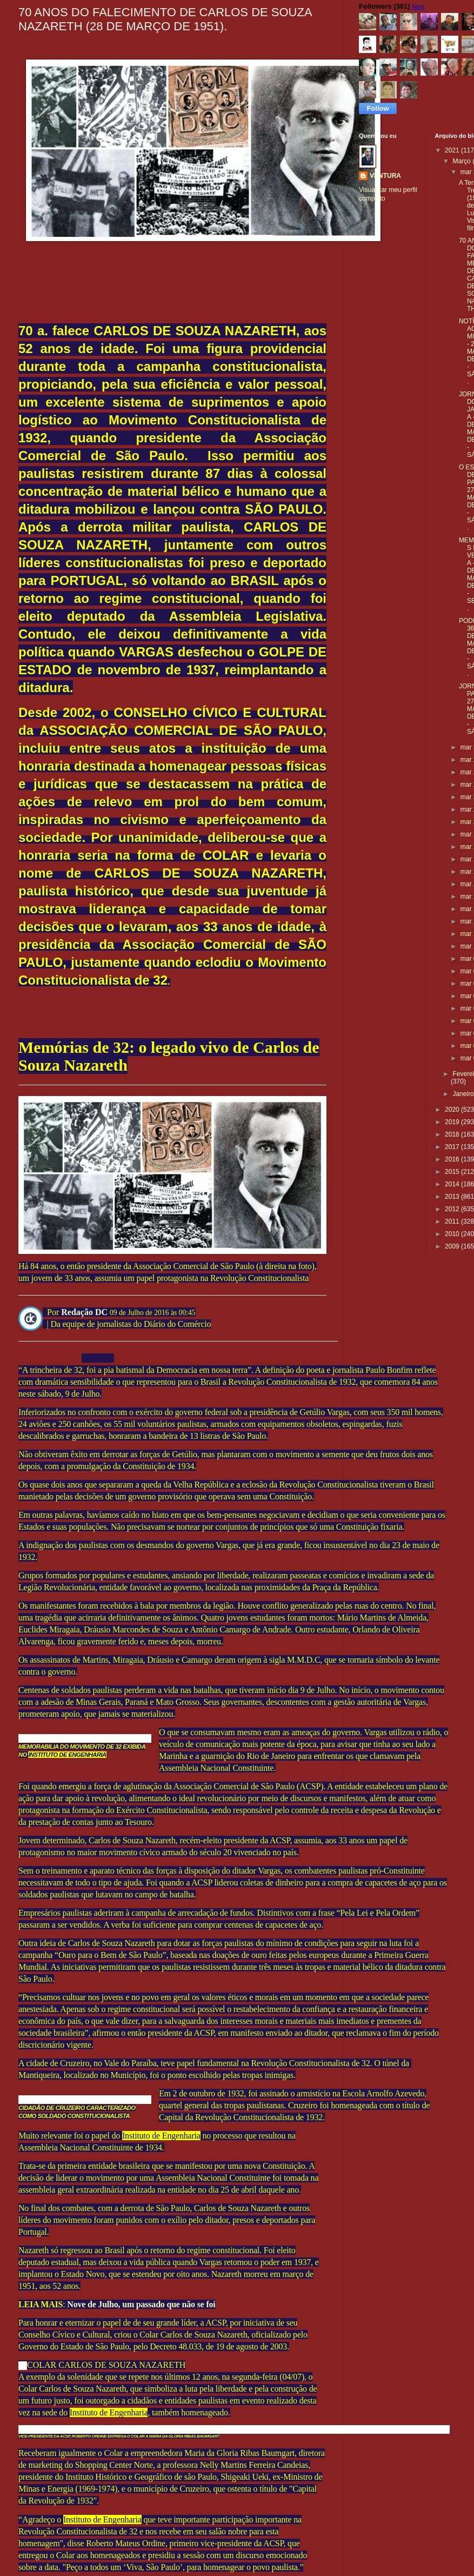 70 ANOS DO FALECIMENTO DE CARLOS DE SOUZA NAZARETH (28 DE MARÇO DE 1951) - Memórias do Ventura